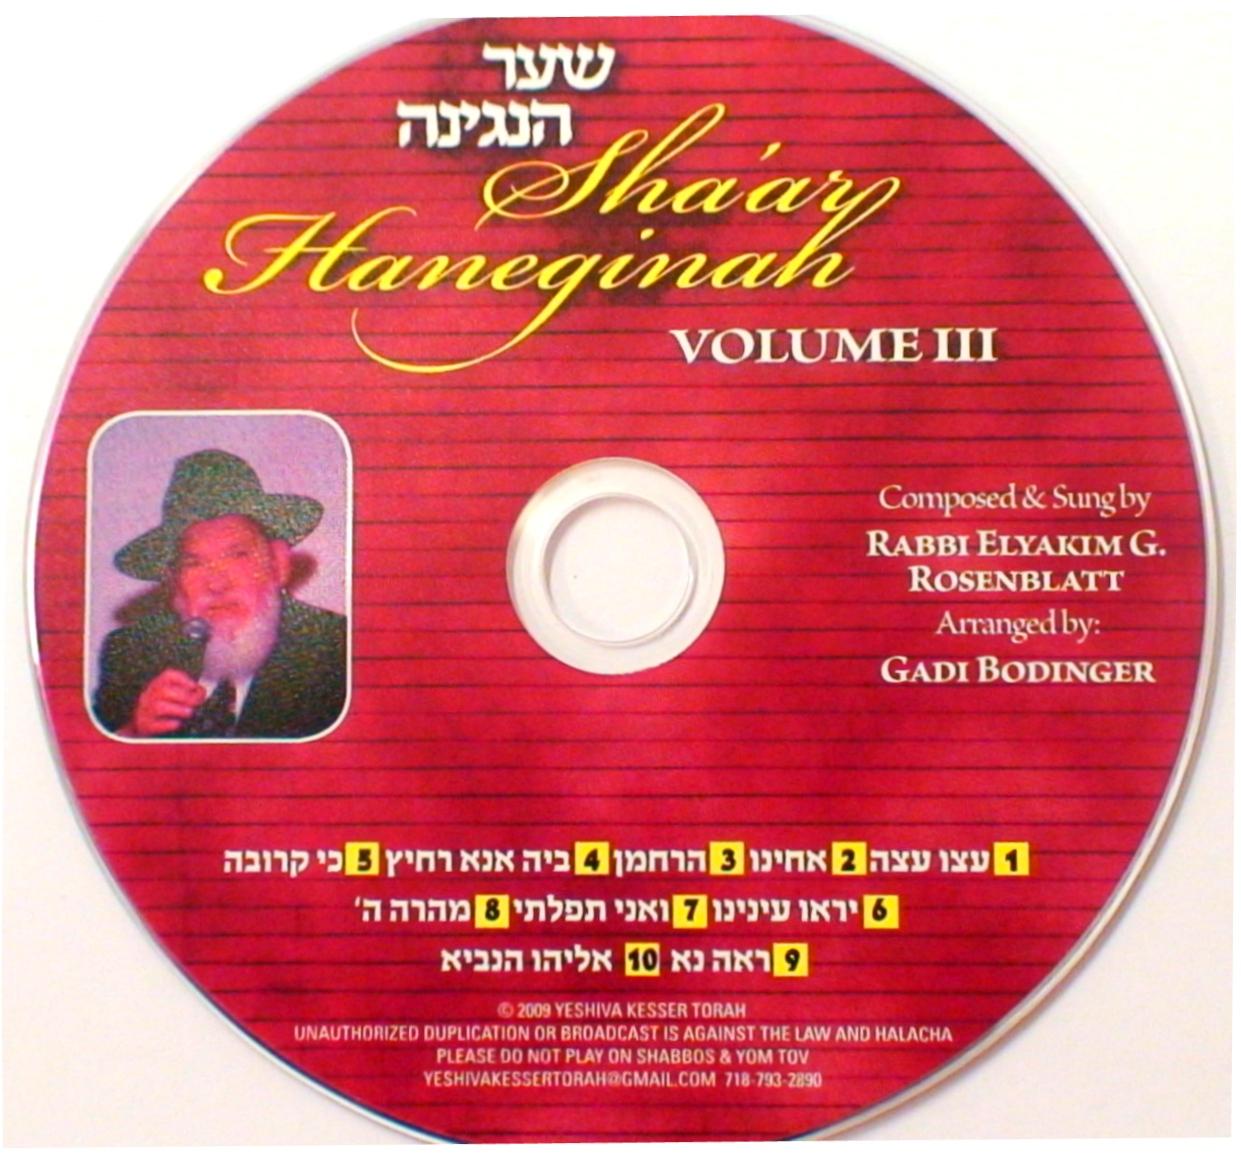 Shaar Haneginah Volume 3 CD